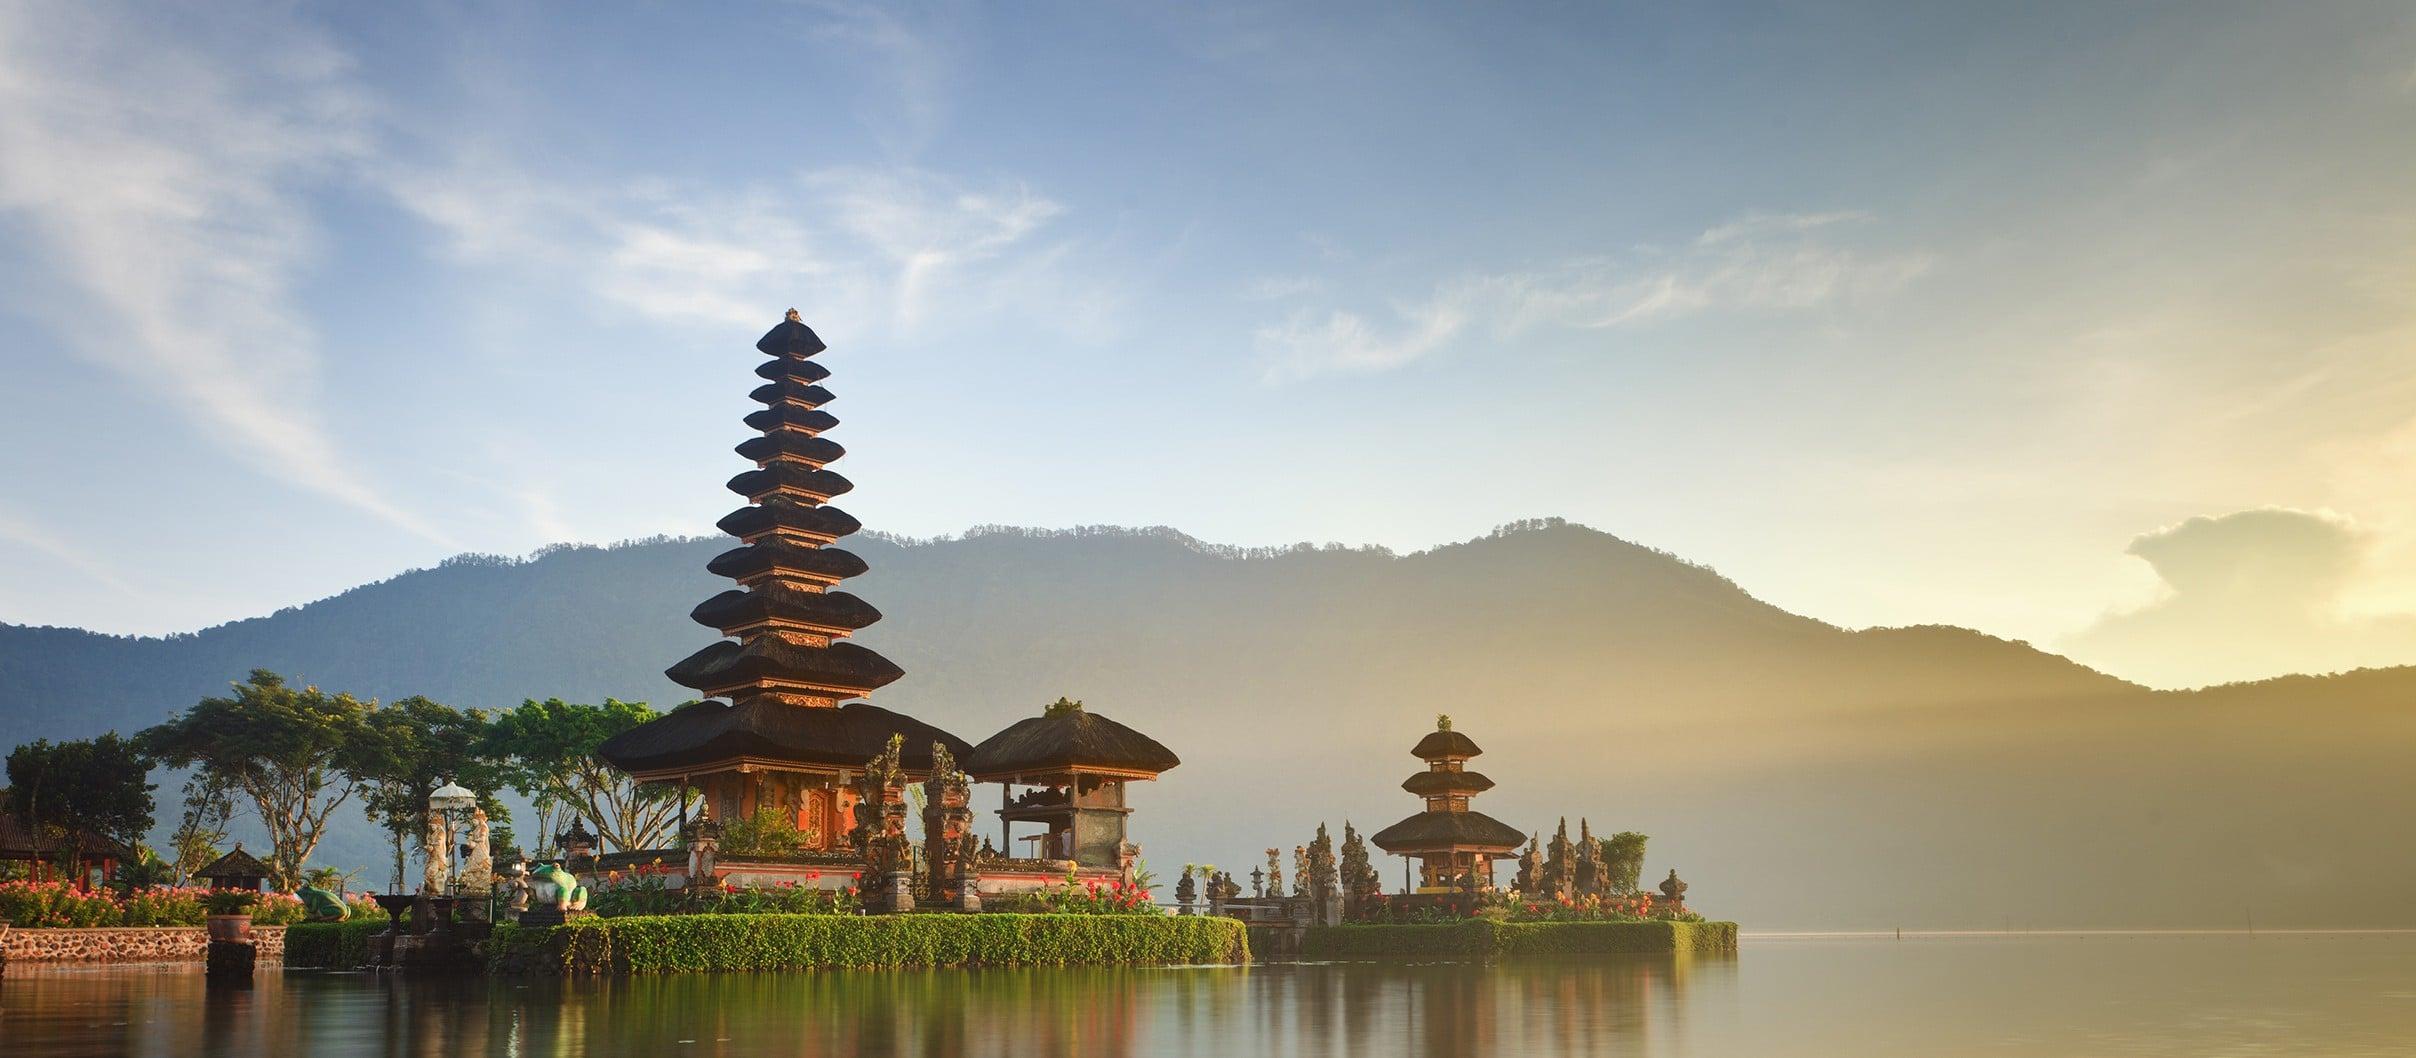 Le Tourisme Durable durant la conférence de l'APEC à Bali les 3 & 4 octobre 2013